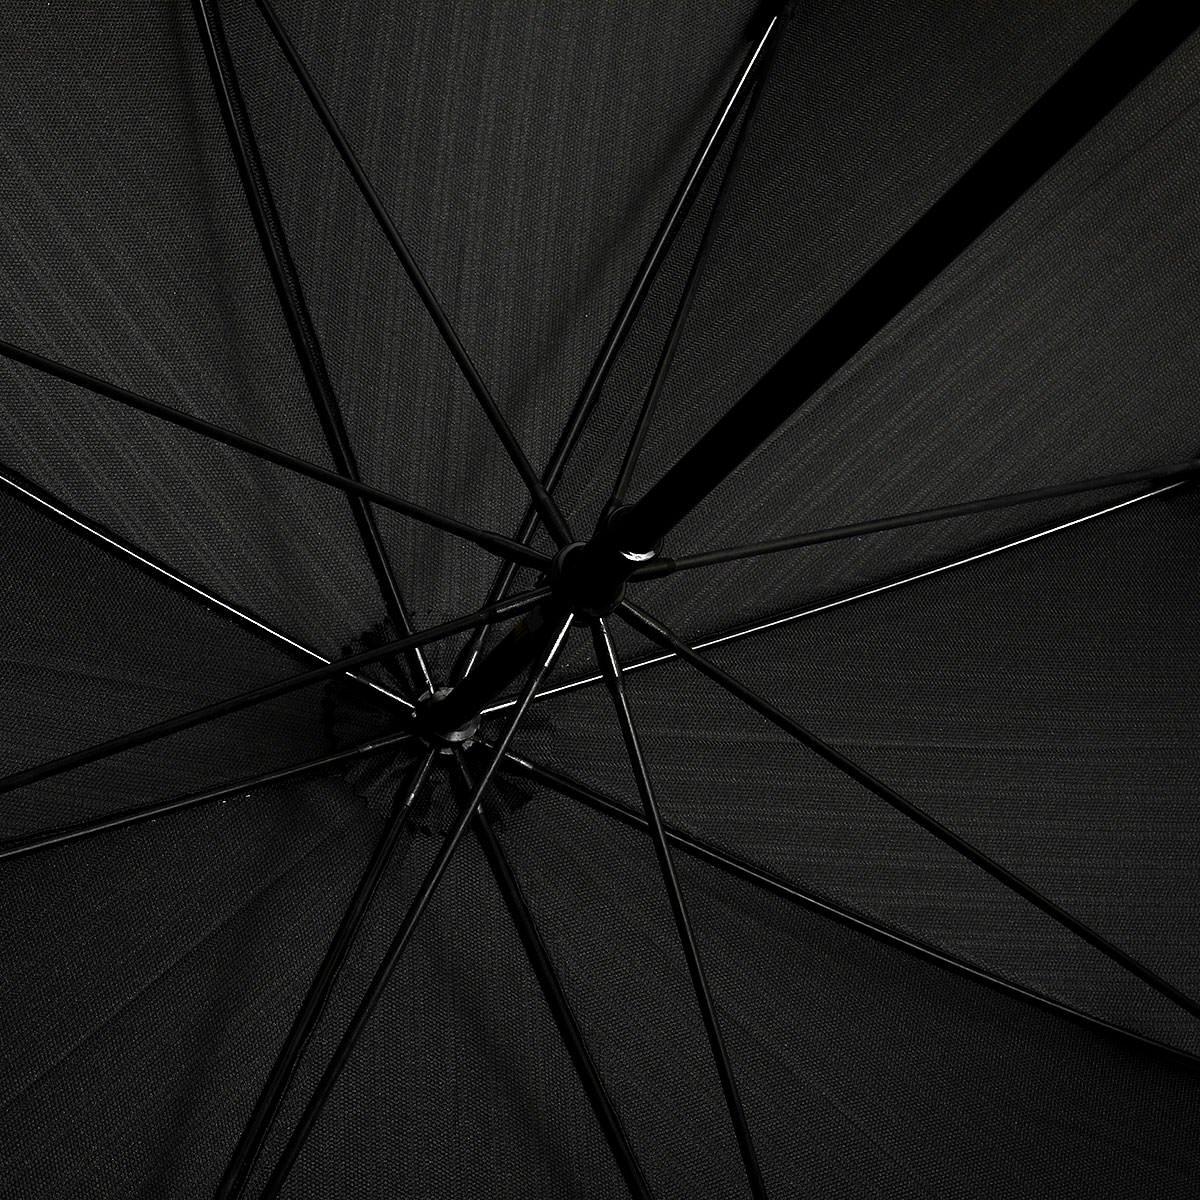 【セール】ダブルストライプ 長傘 詳細画像8